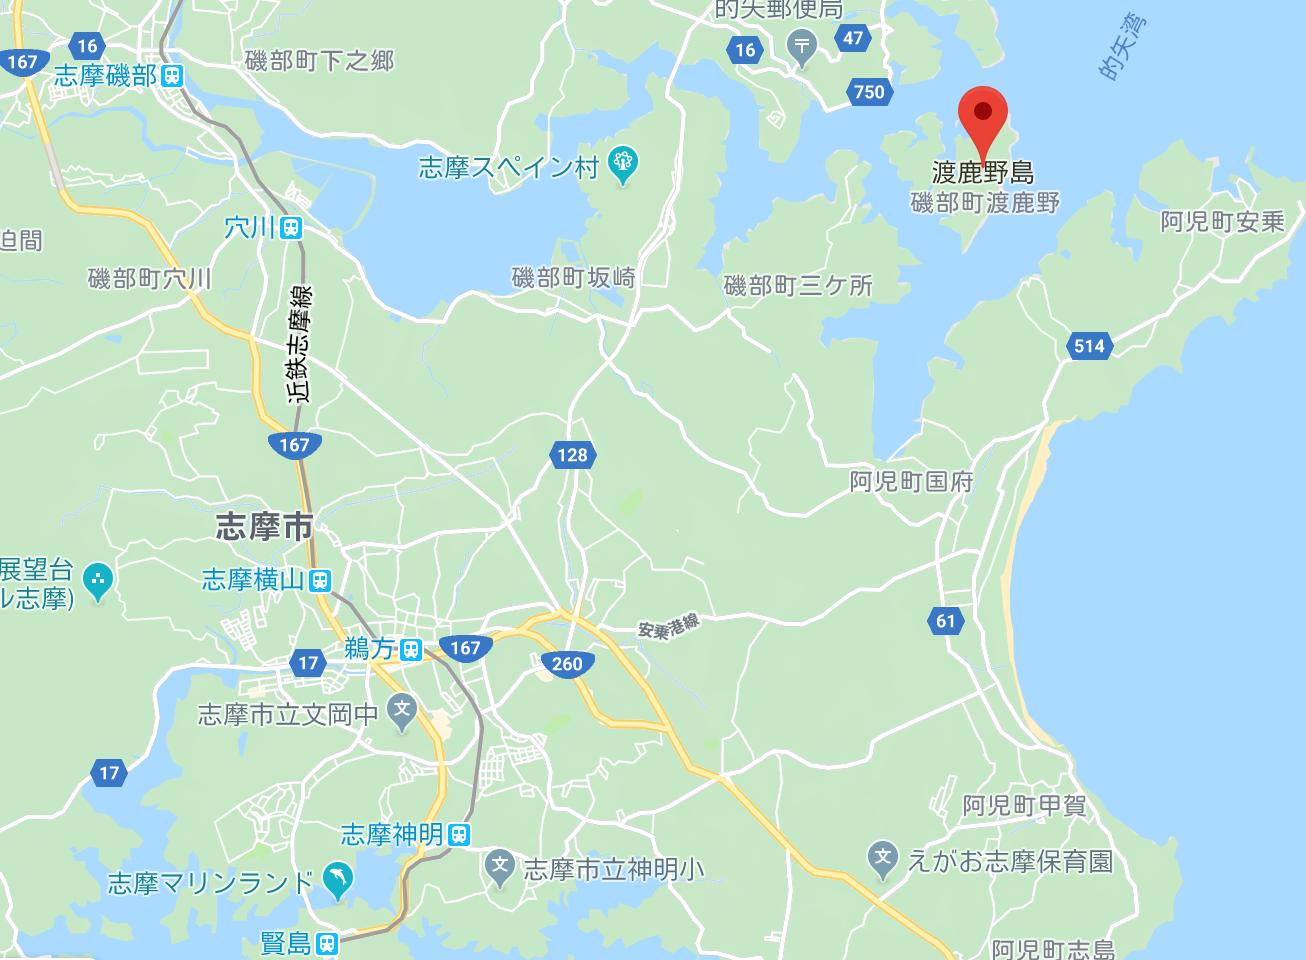 渡鹿野島 夜遊び